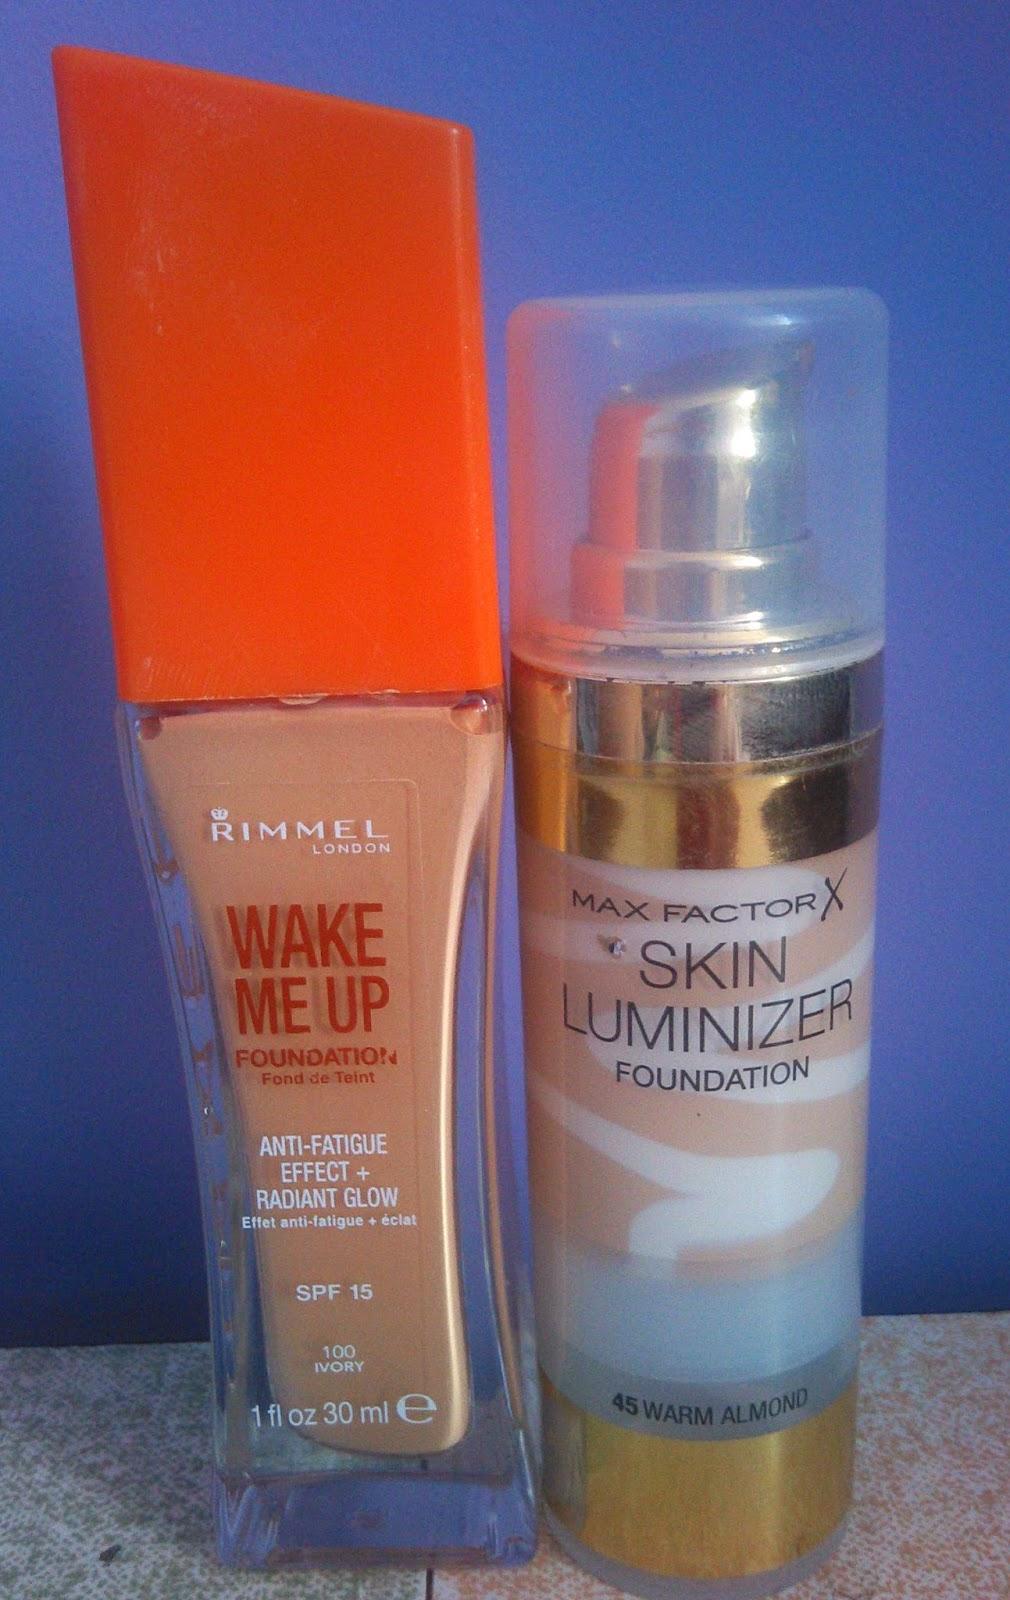 Porównanie Max Factor Skin Luminizer vs Rimmel Wake me up, który lepszy i dla kogo ?